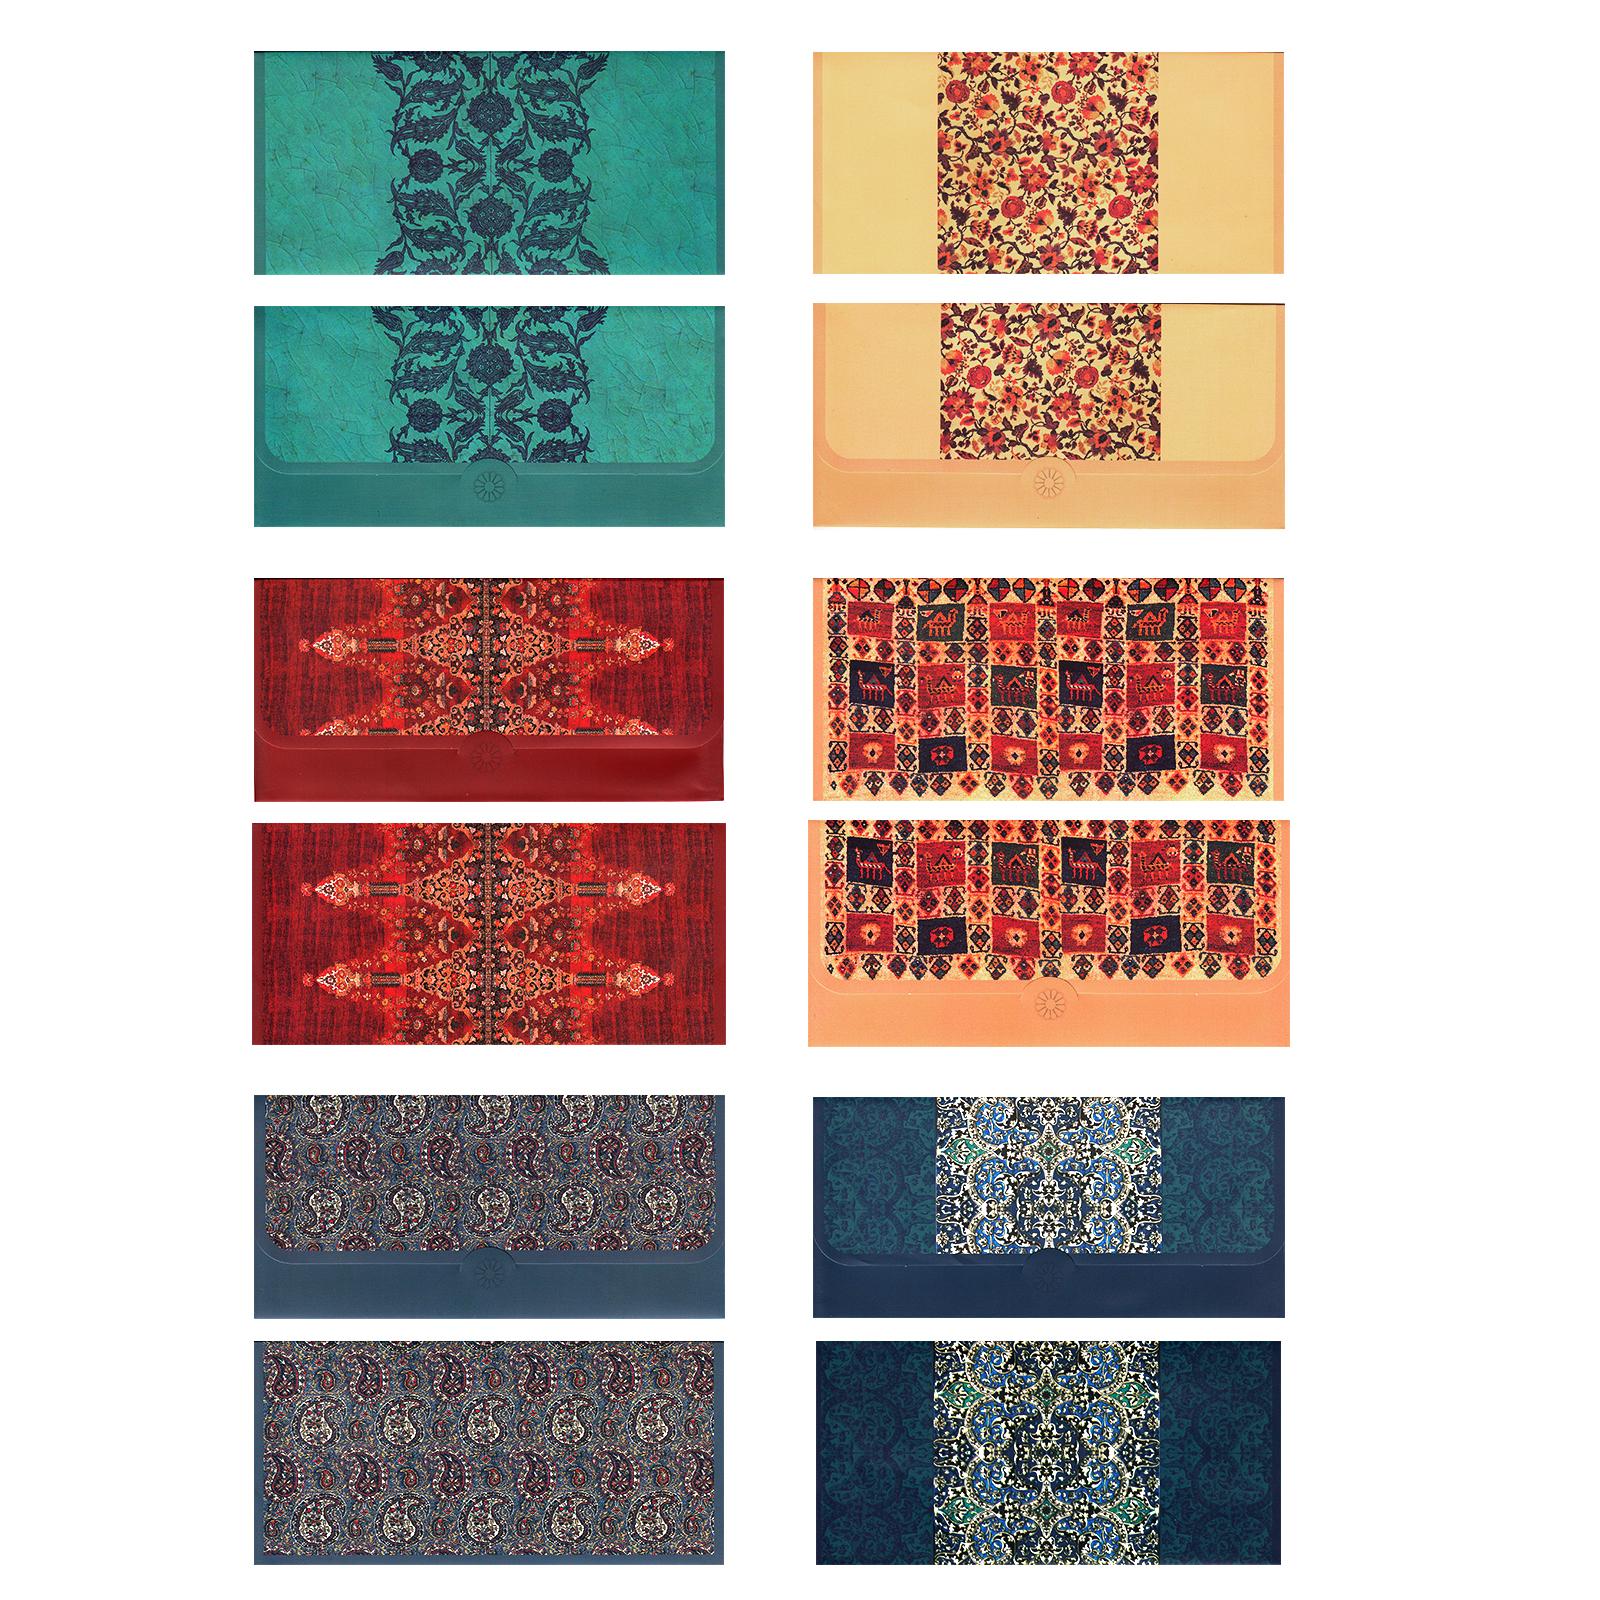 پاکت پول طرح نقوش سنتی ایرانی مجموعه 12 عددی